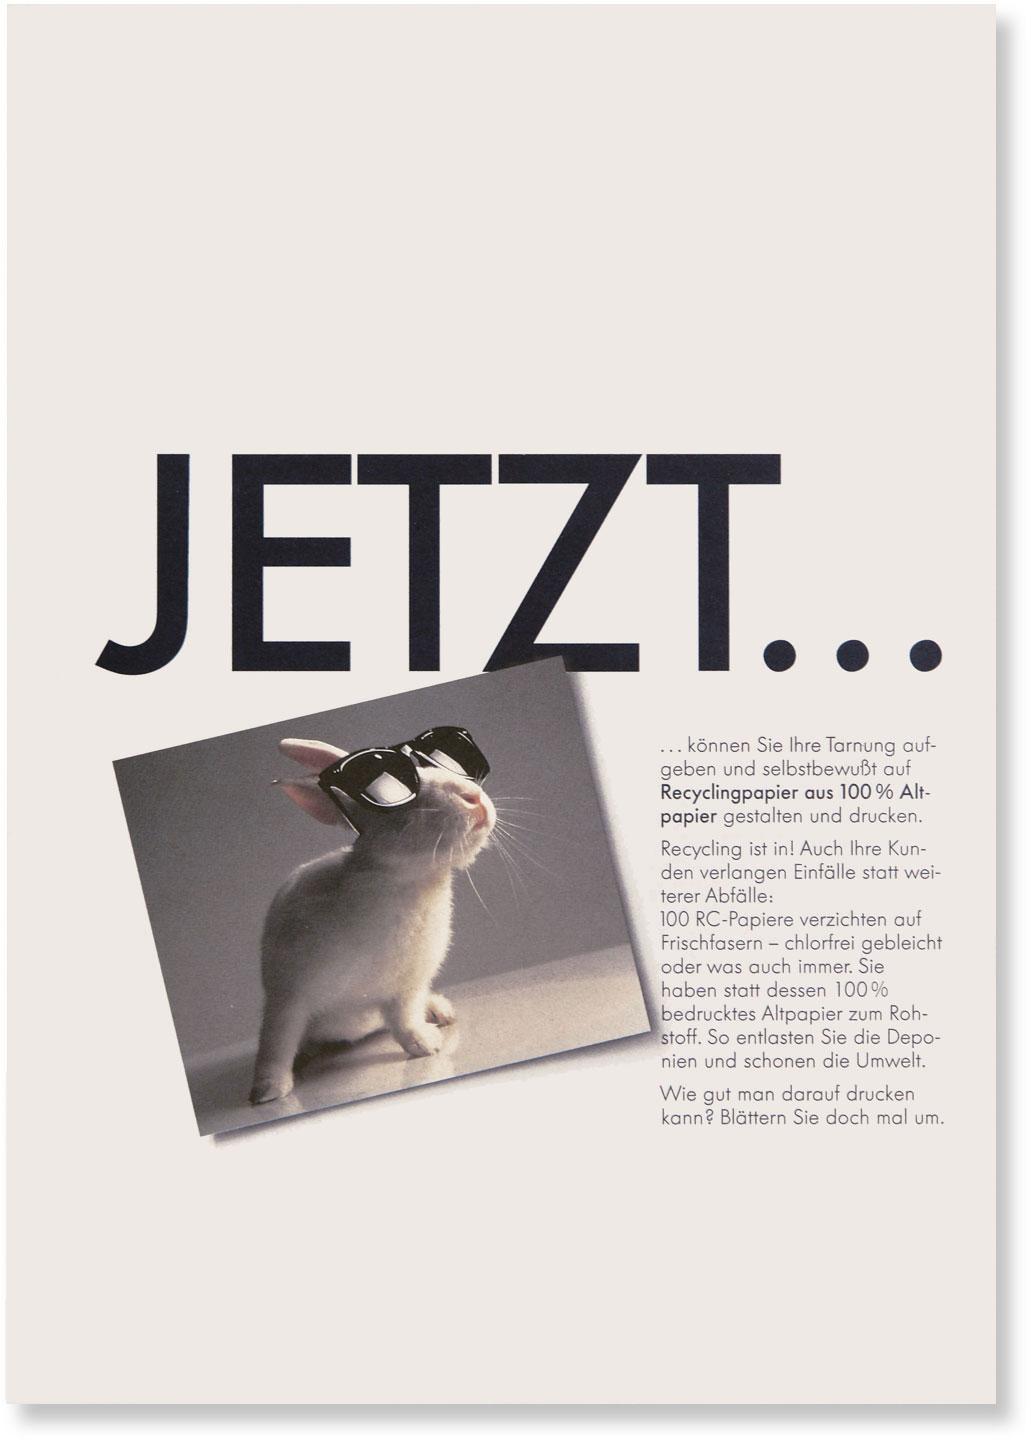 Titelseite mit Schlagwort JETZT ...